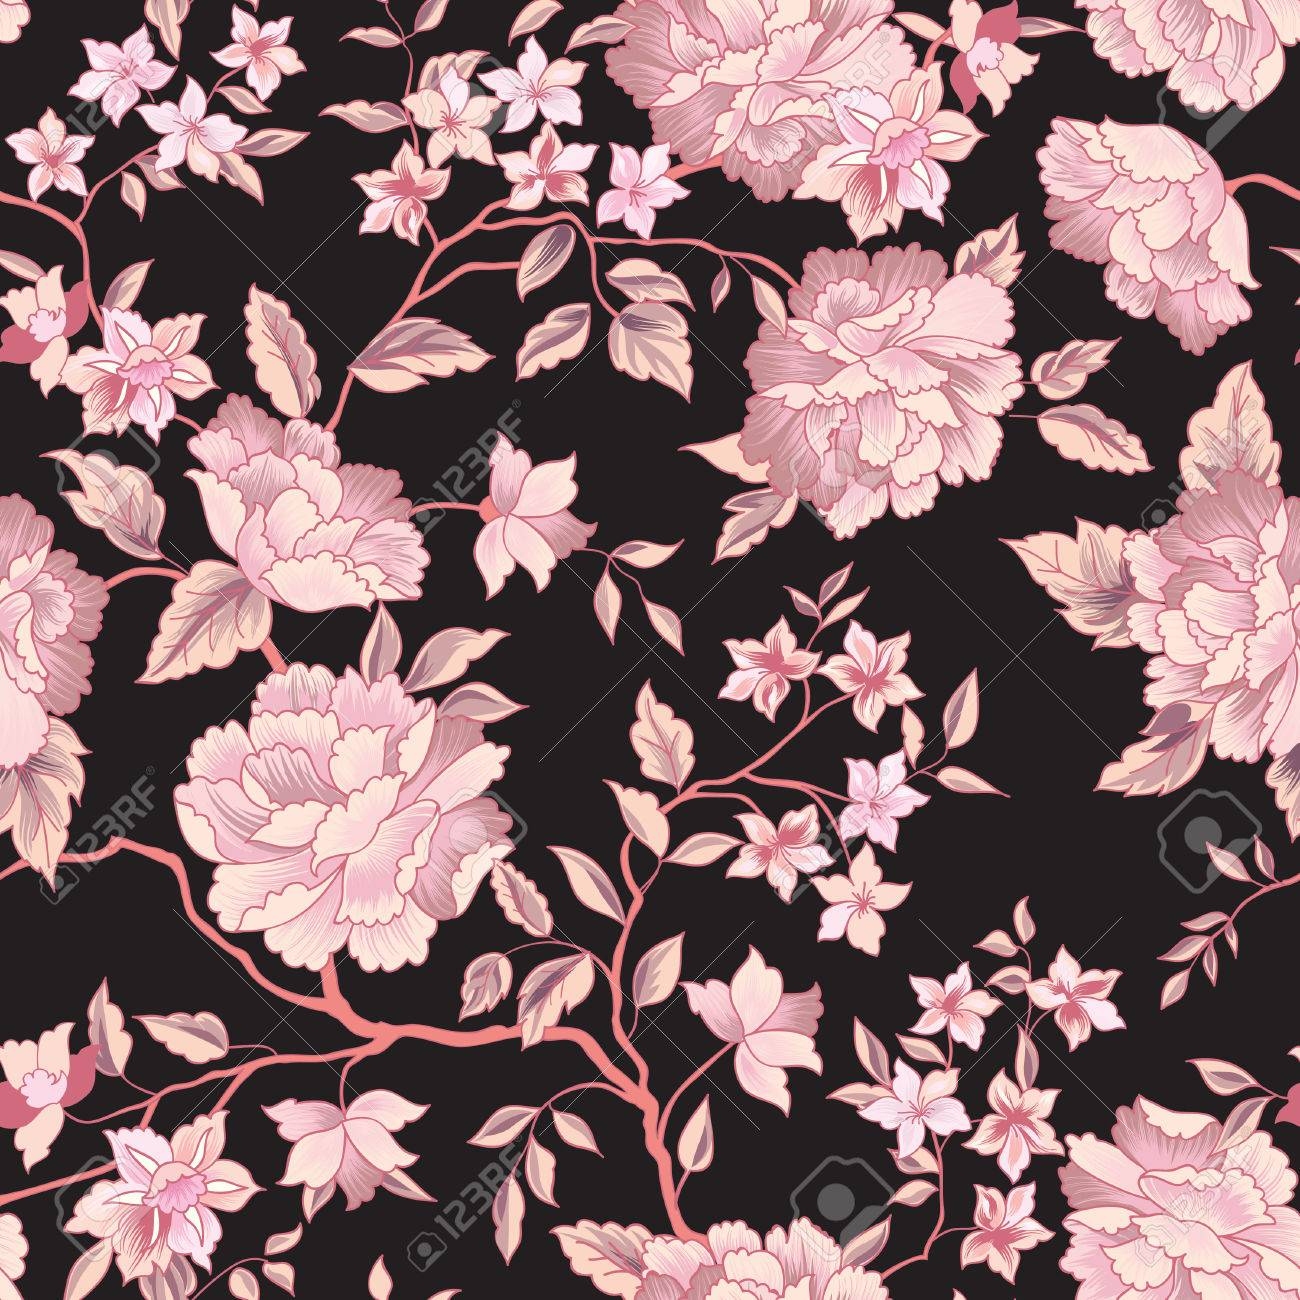 Floral pattern. Flower seamless background. Flourish ornamental garden - 86207388